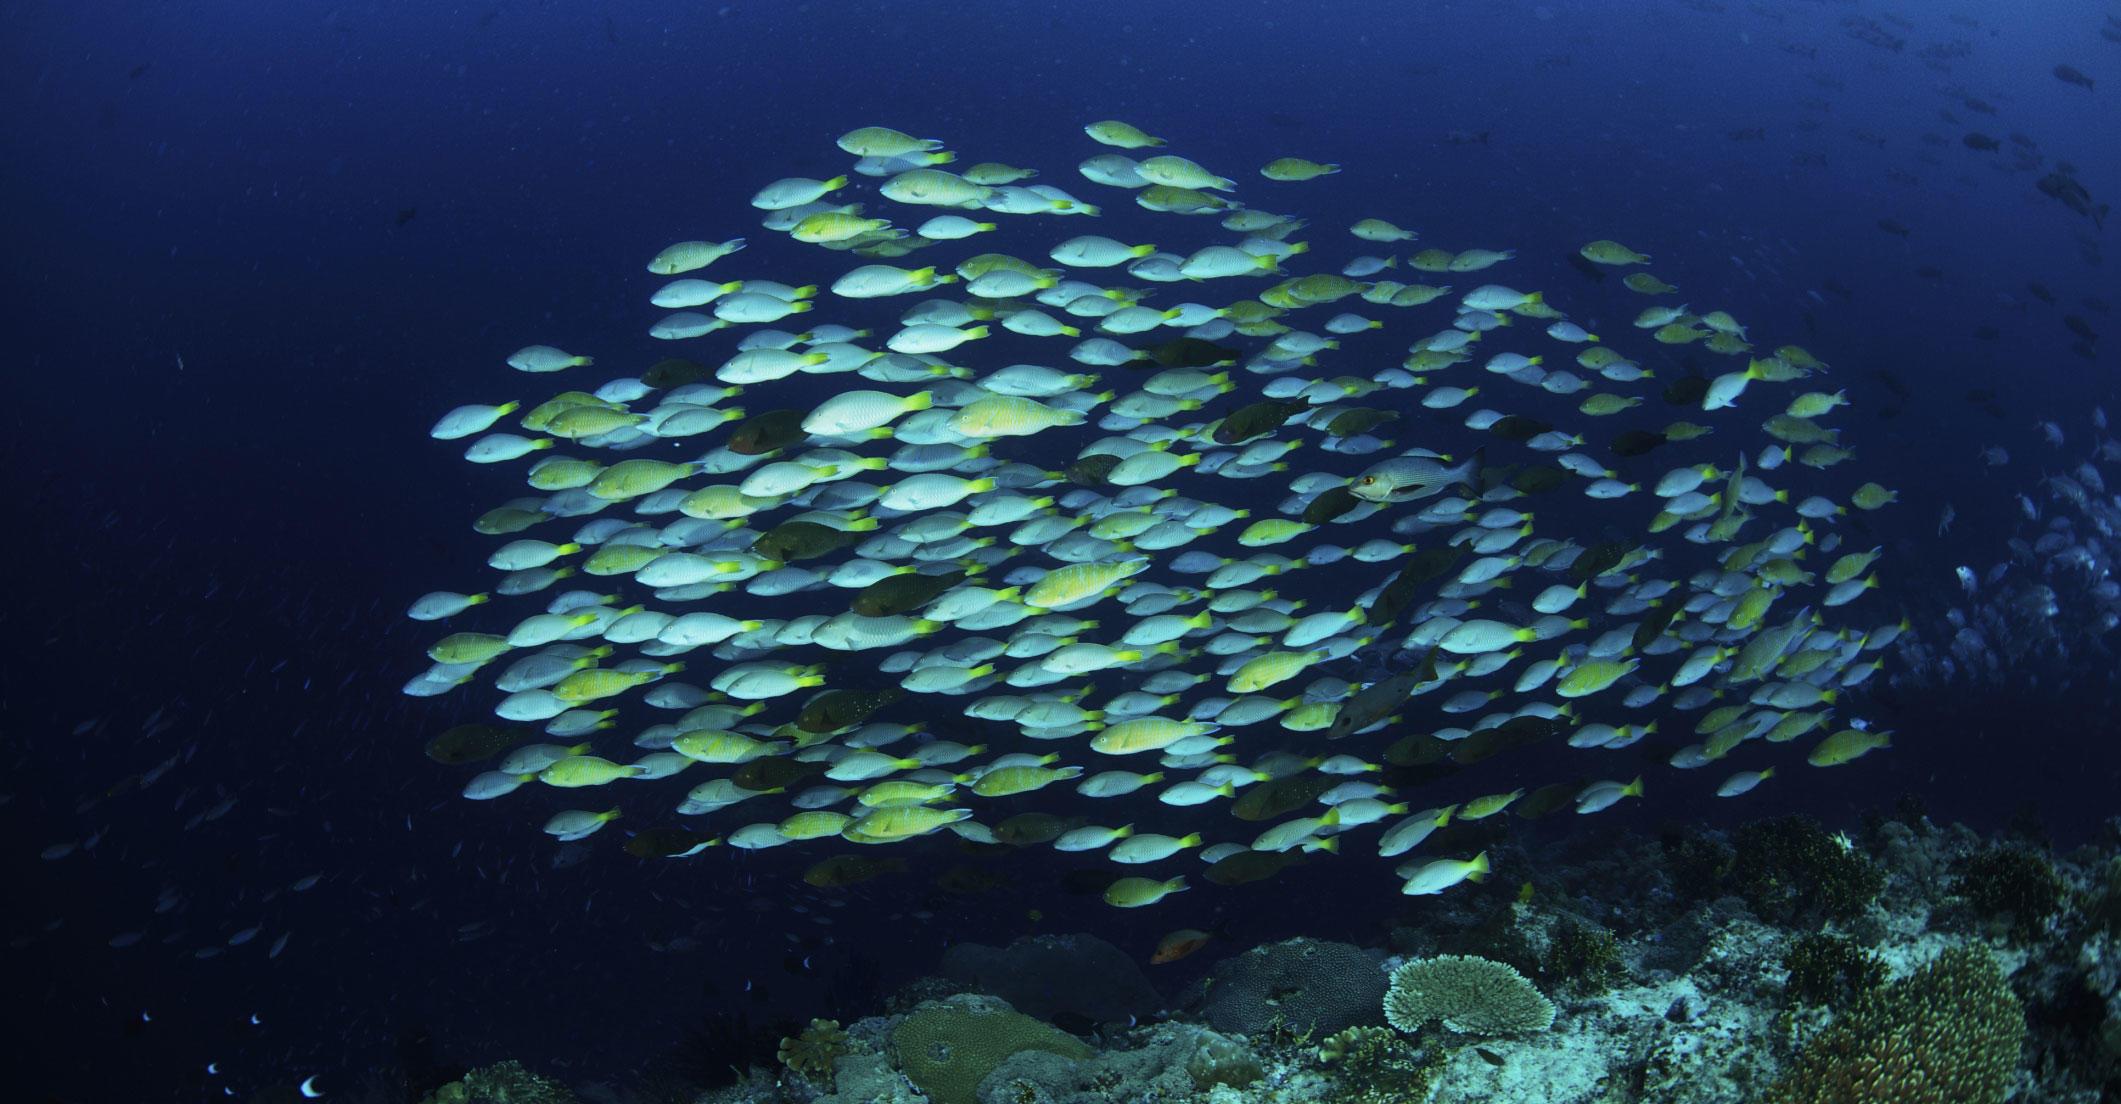 School of parrot fish in the Solomon Islands